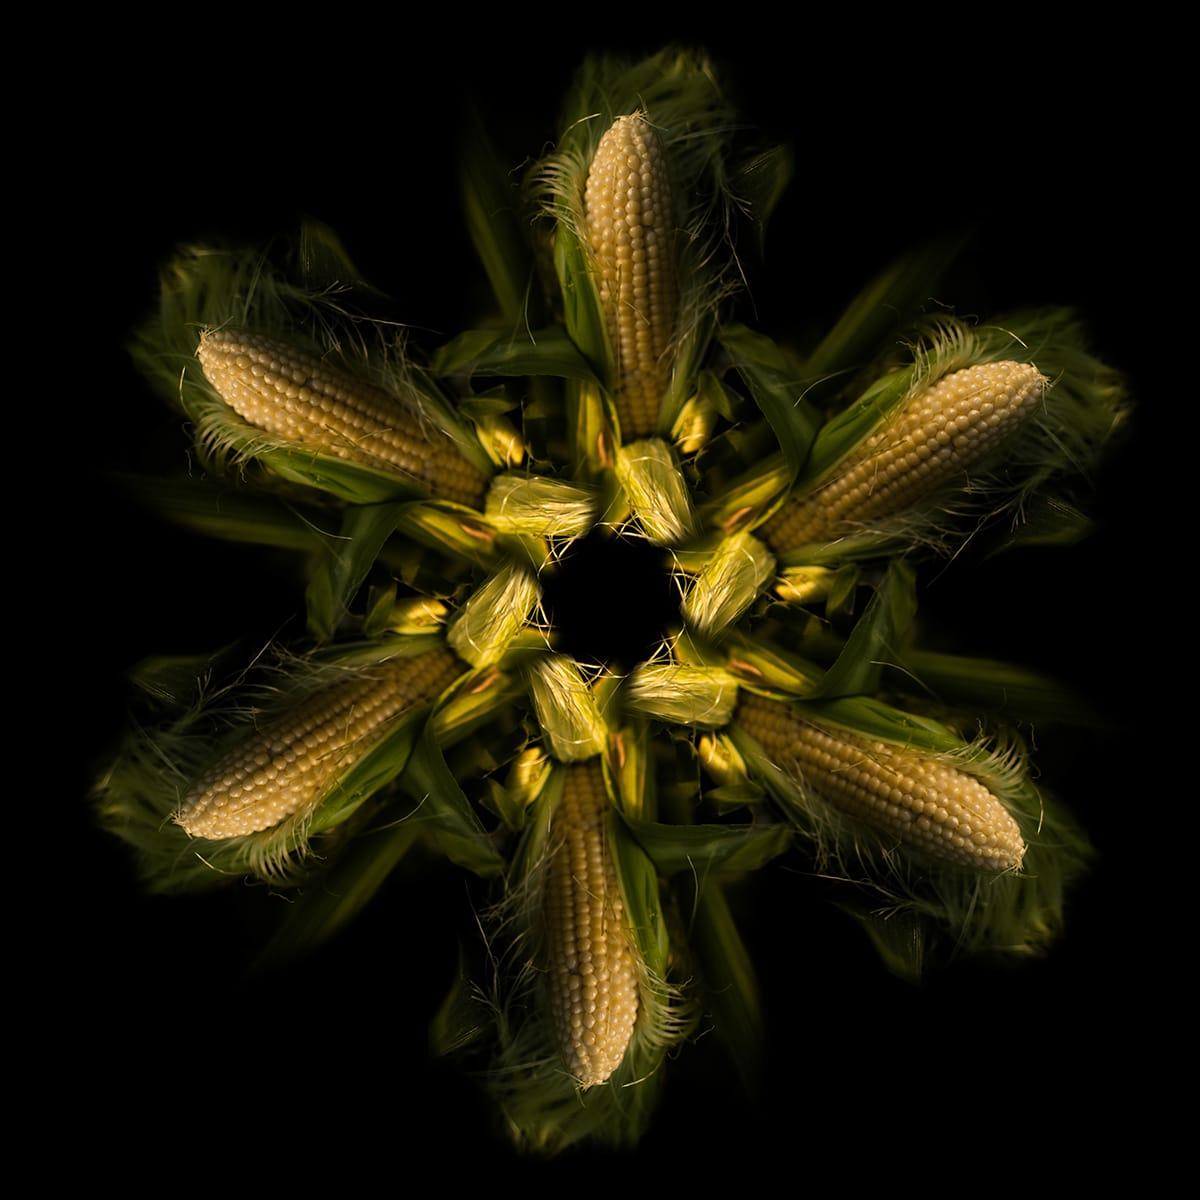 תמונת מנדלת התירס העשויה מקלחים צהובים עטופים בעלים ירוקים ממגוון צילומים למכירה באתר